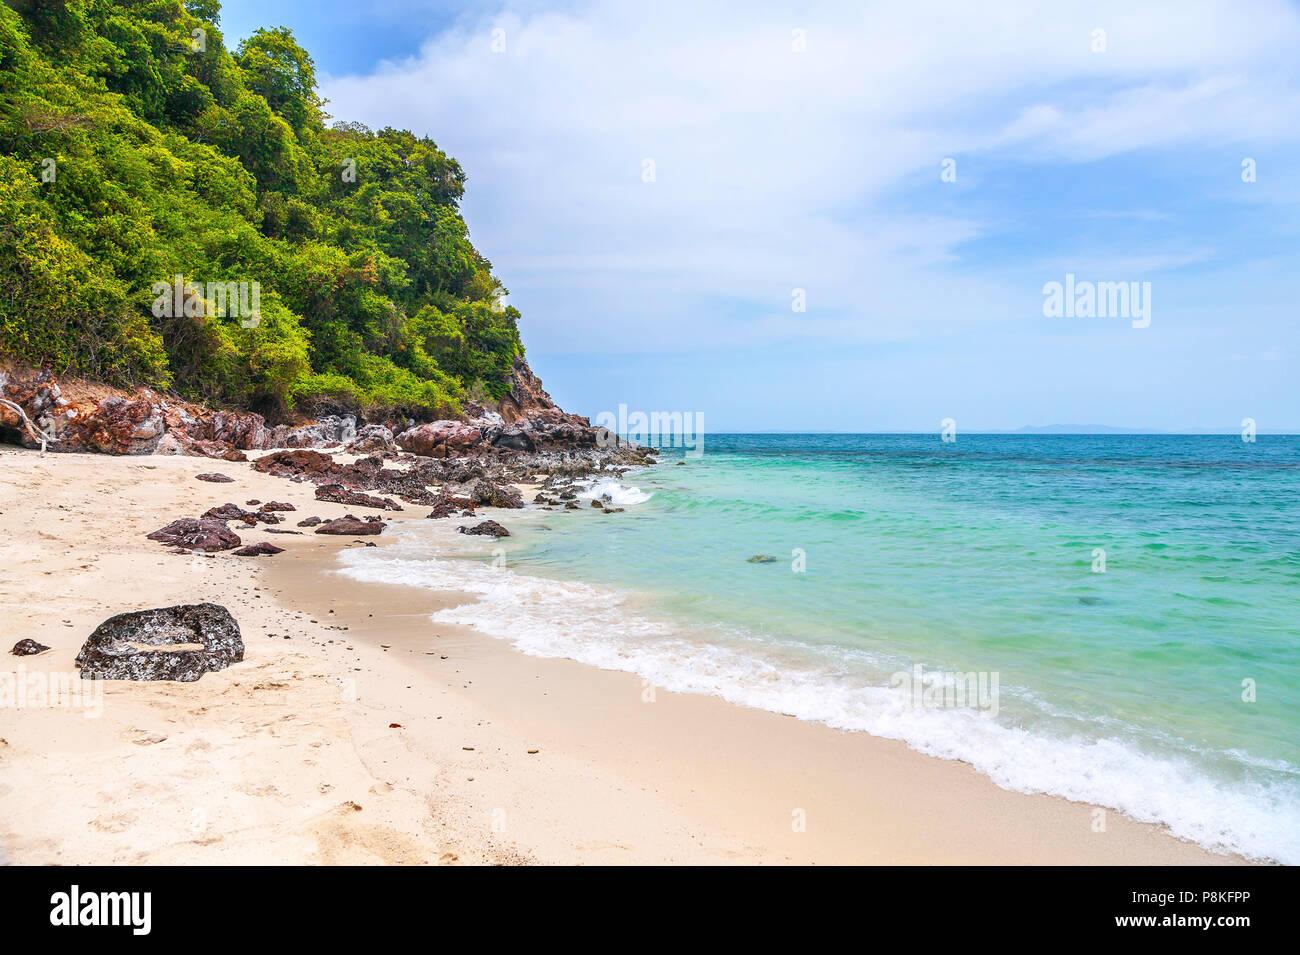 Schönen Sandstrand in Thailand. Stockbild